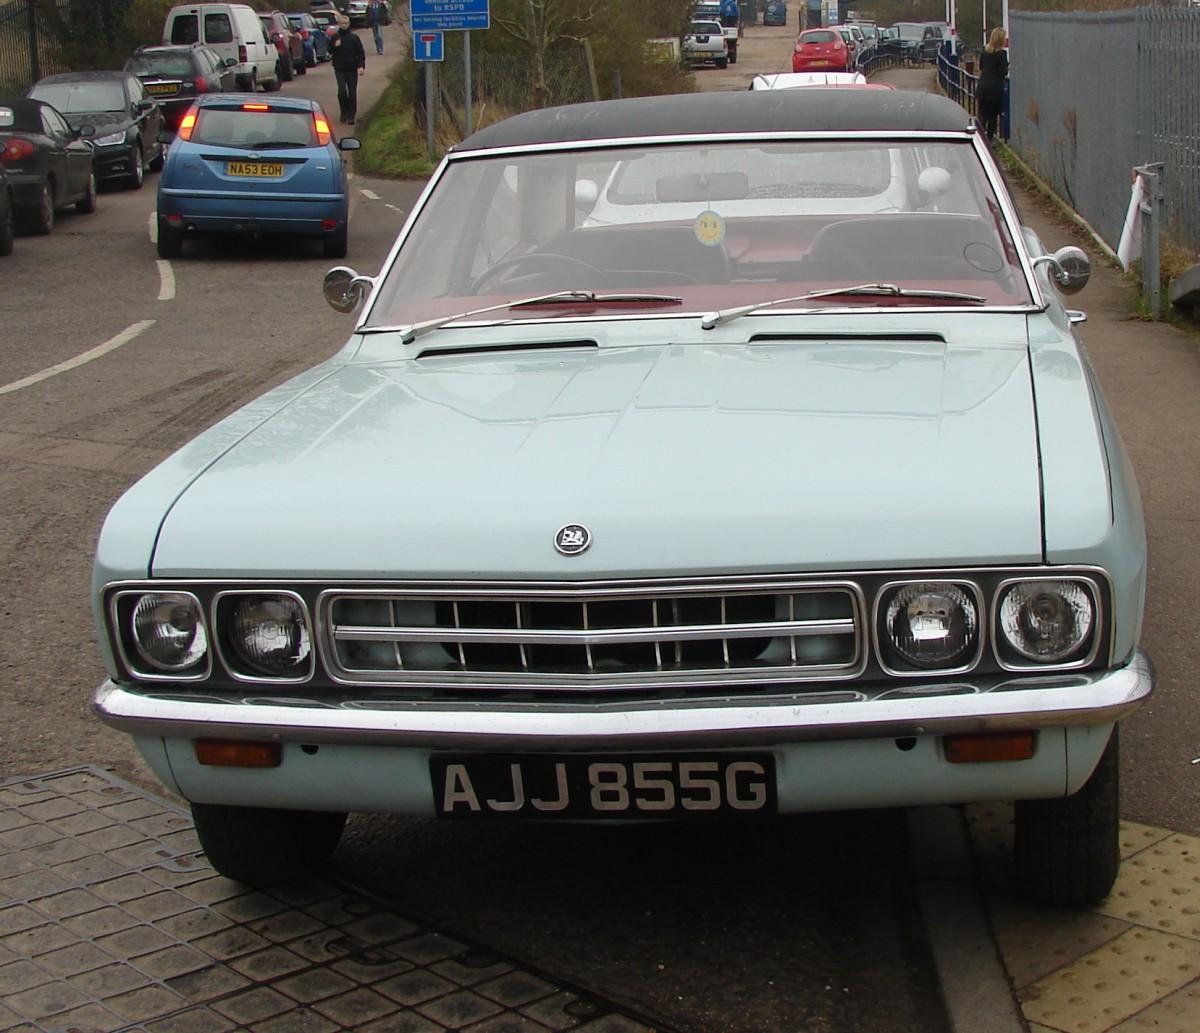 Curbside Capsule: 1969 Vauxhall Ventora (FD Series